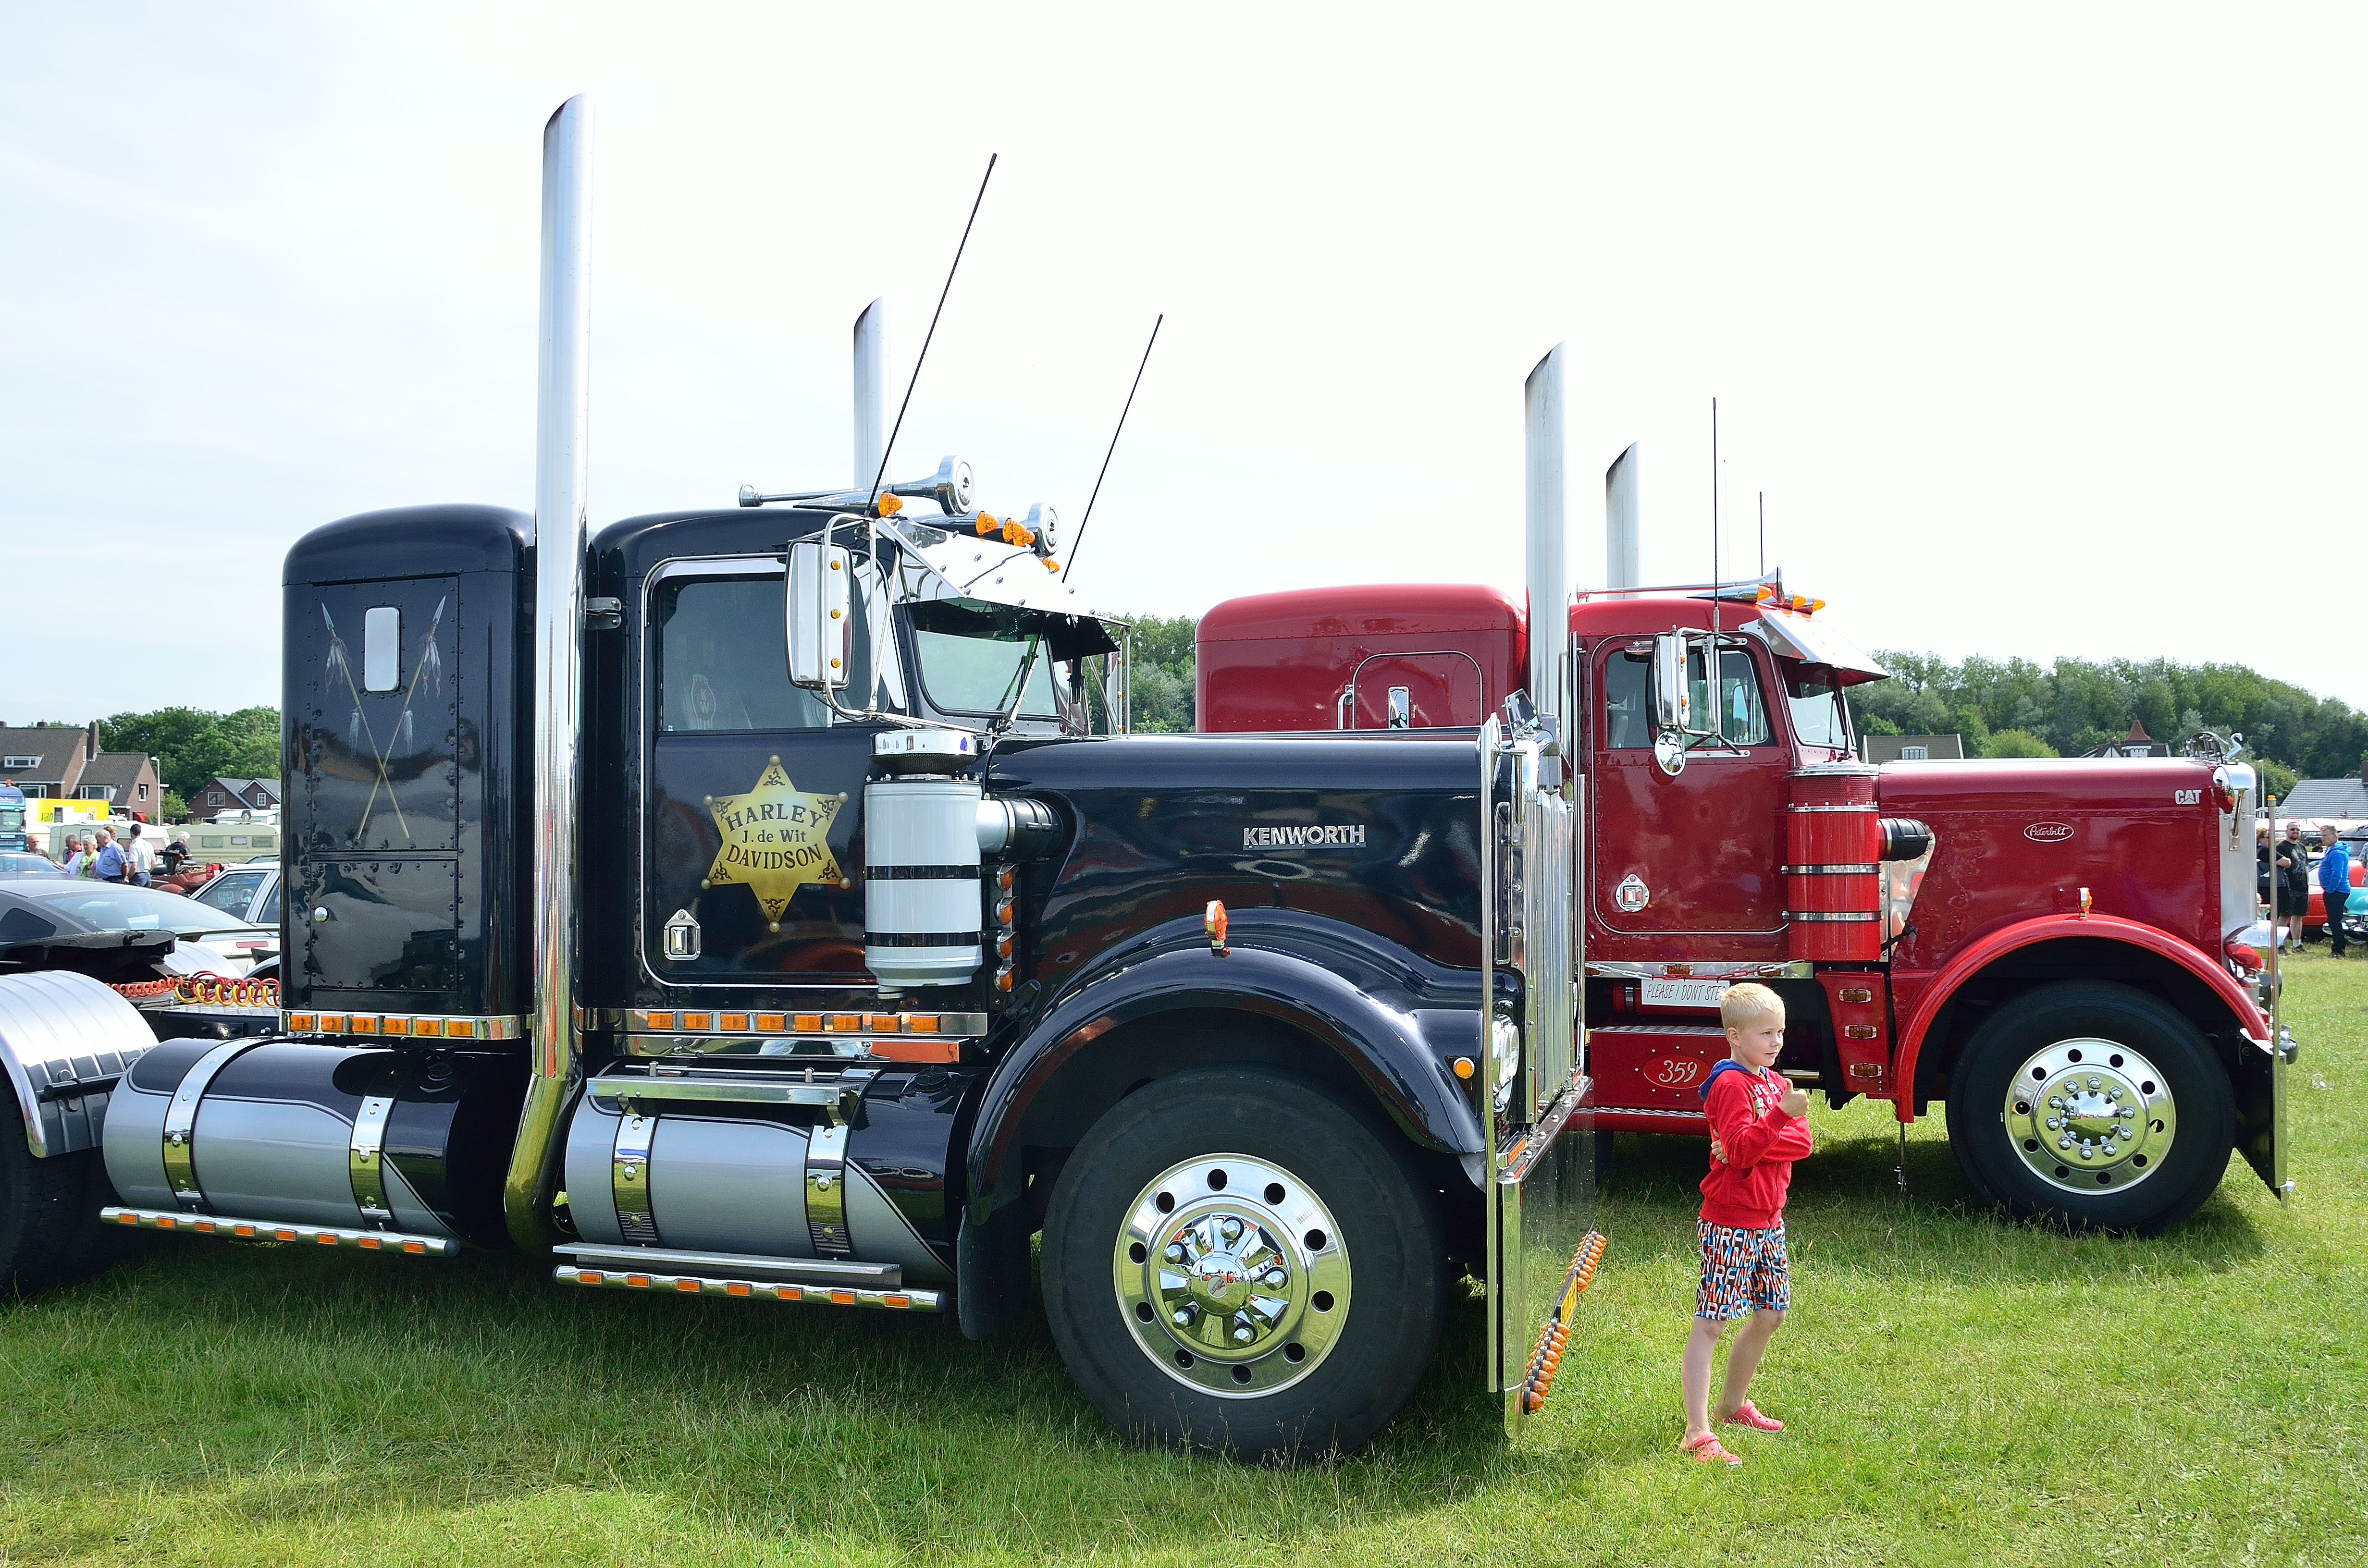 Kenworth and Peterbilt Trucks at Wijk aan Zee the Netherlands